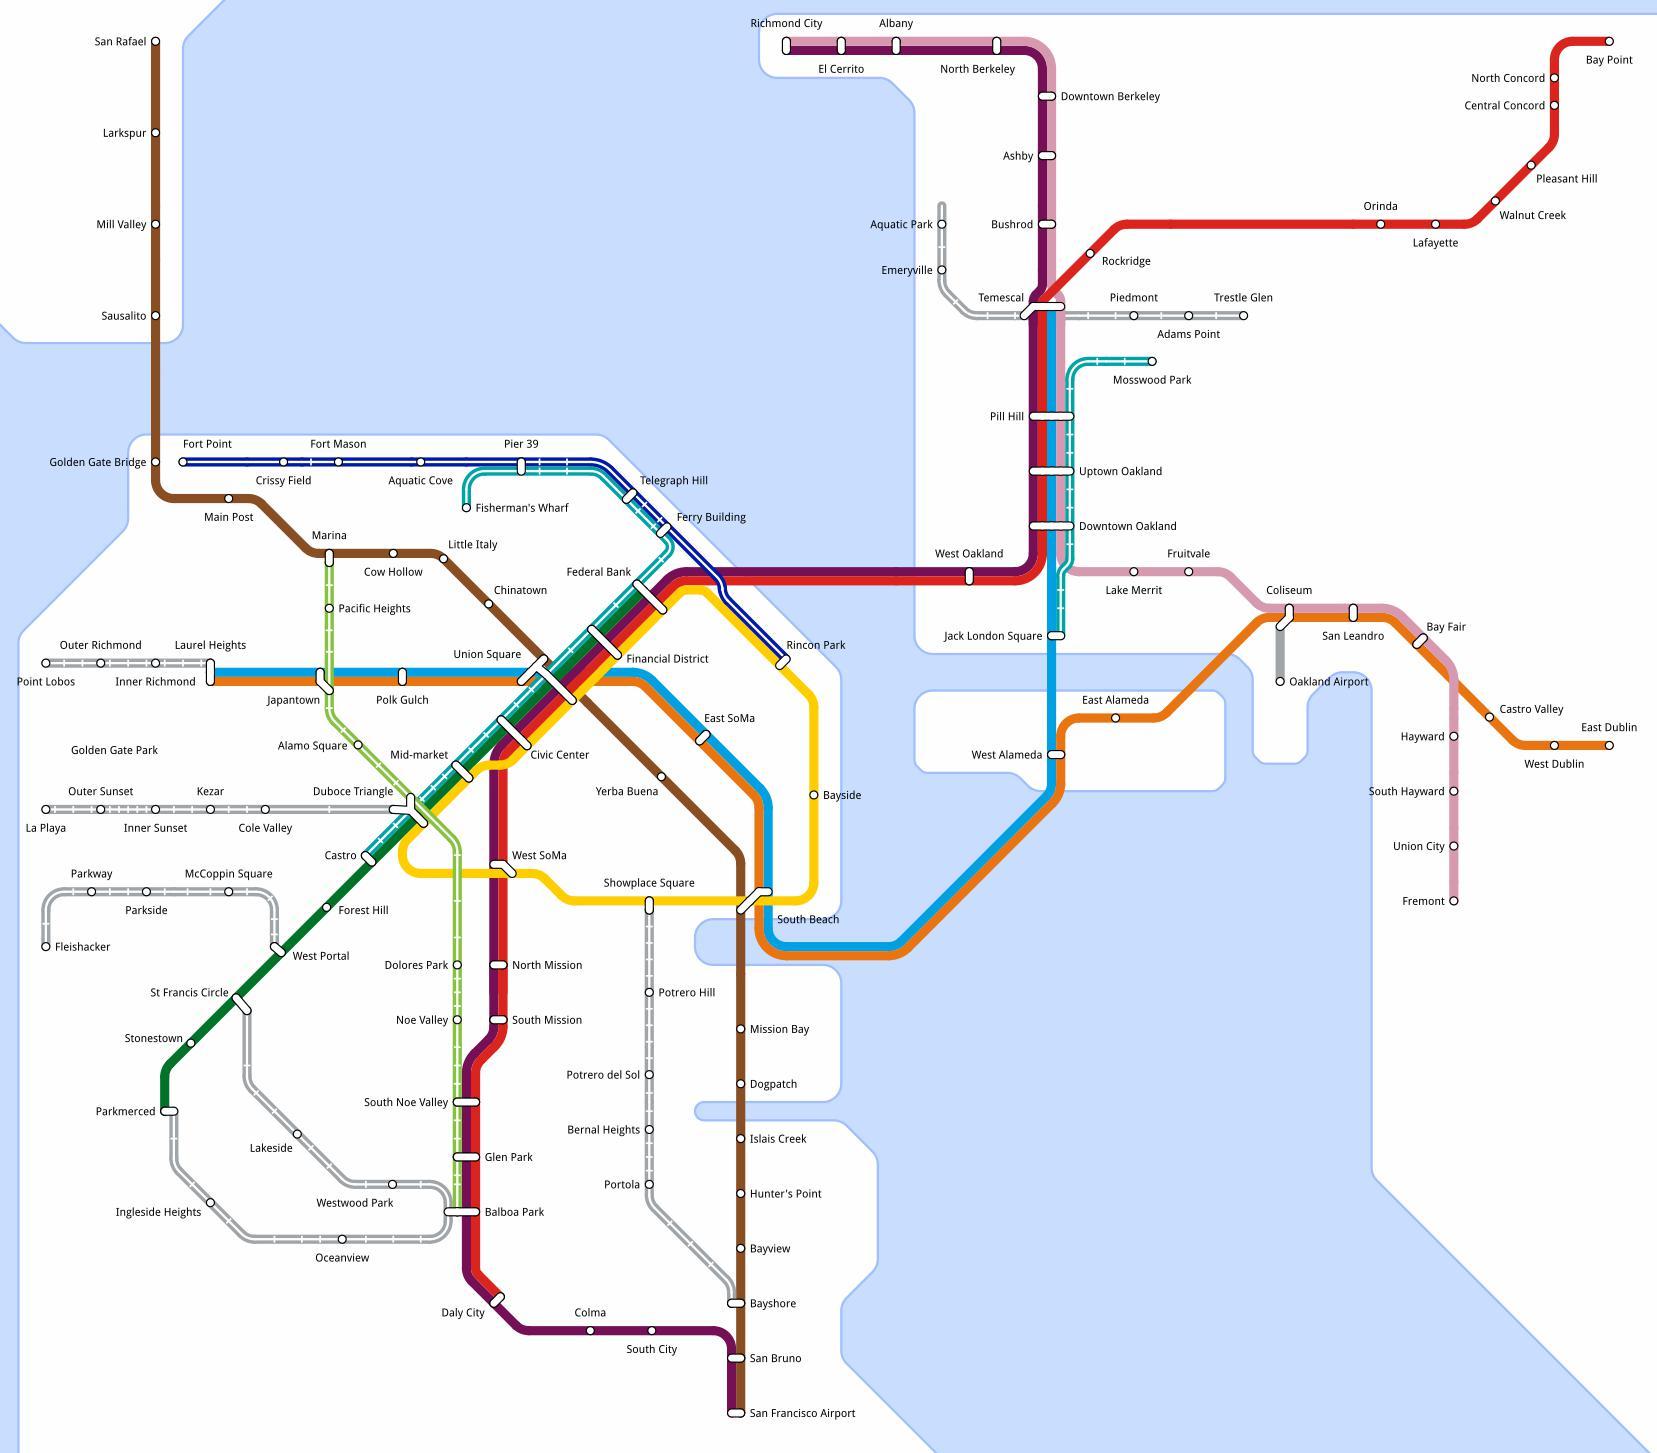 San Francisco Transit Martin Atkins